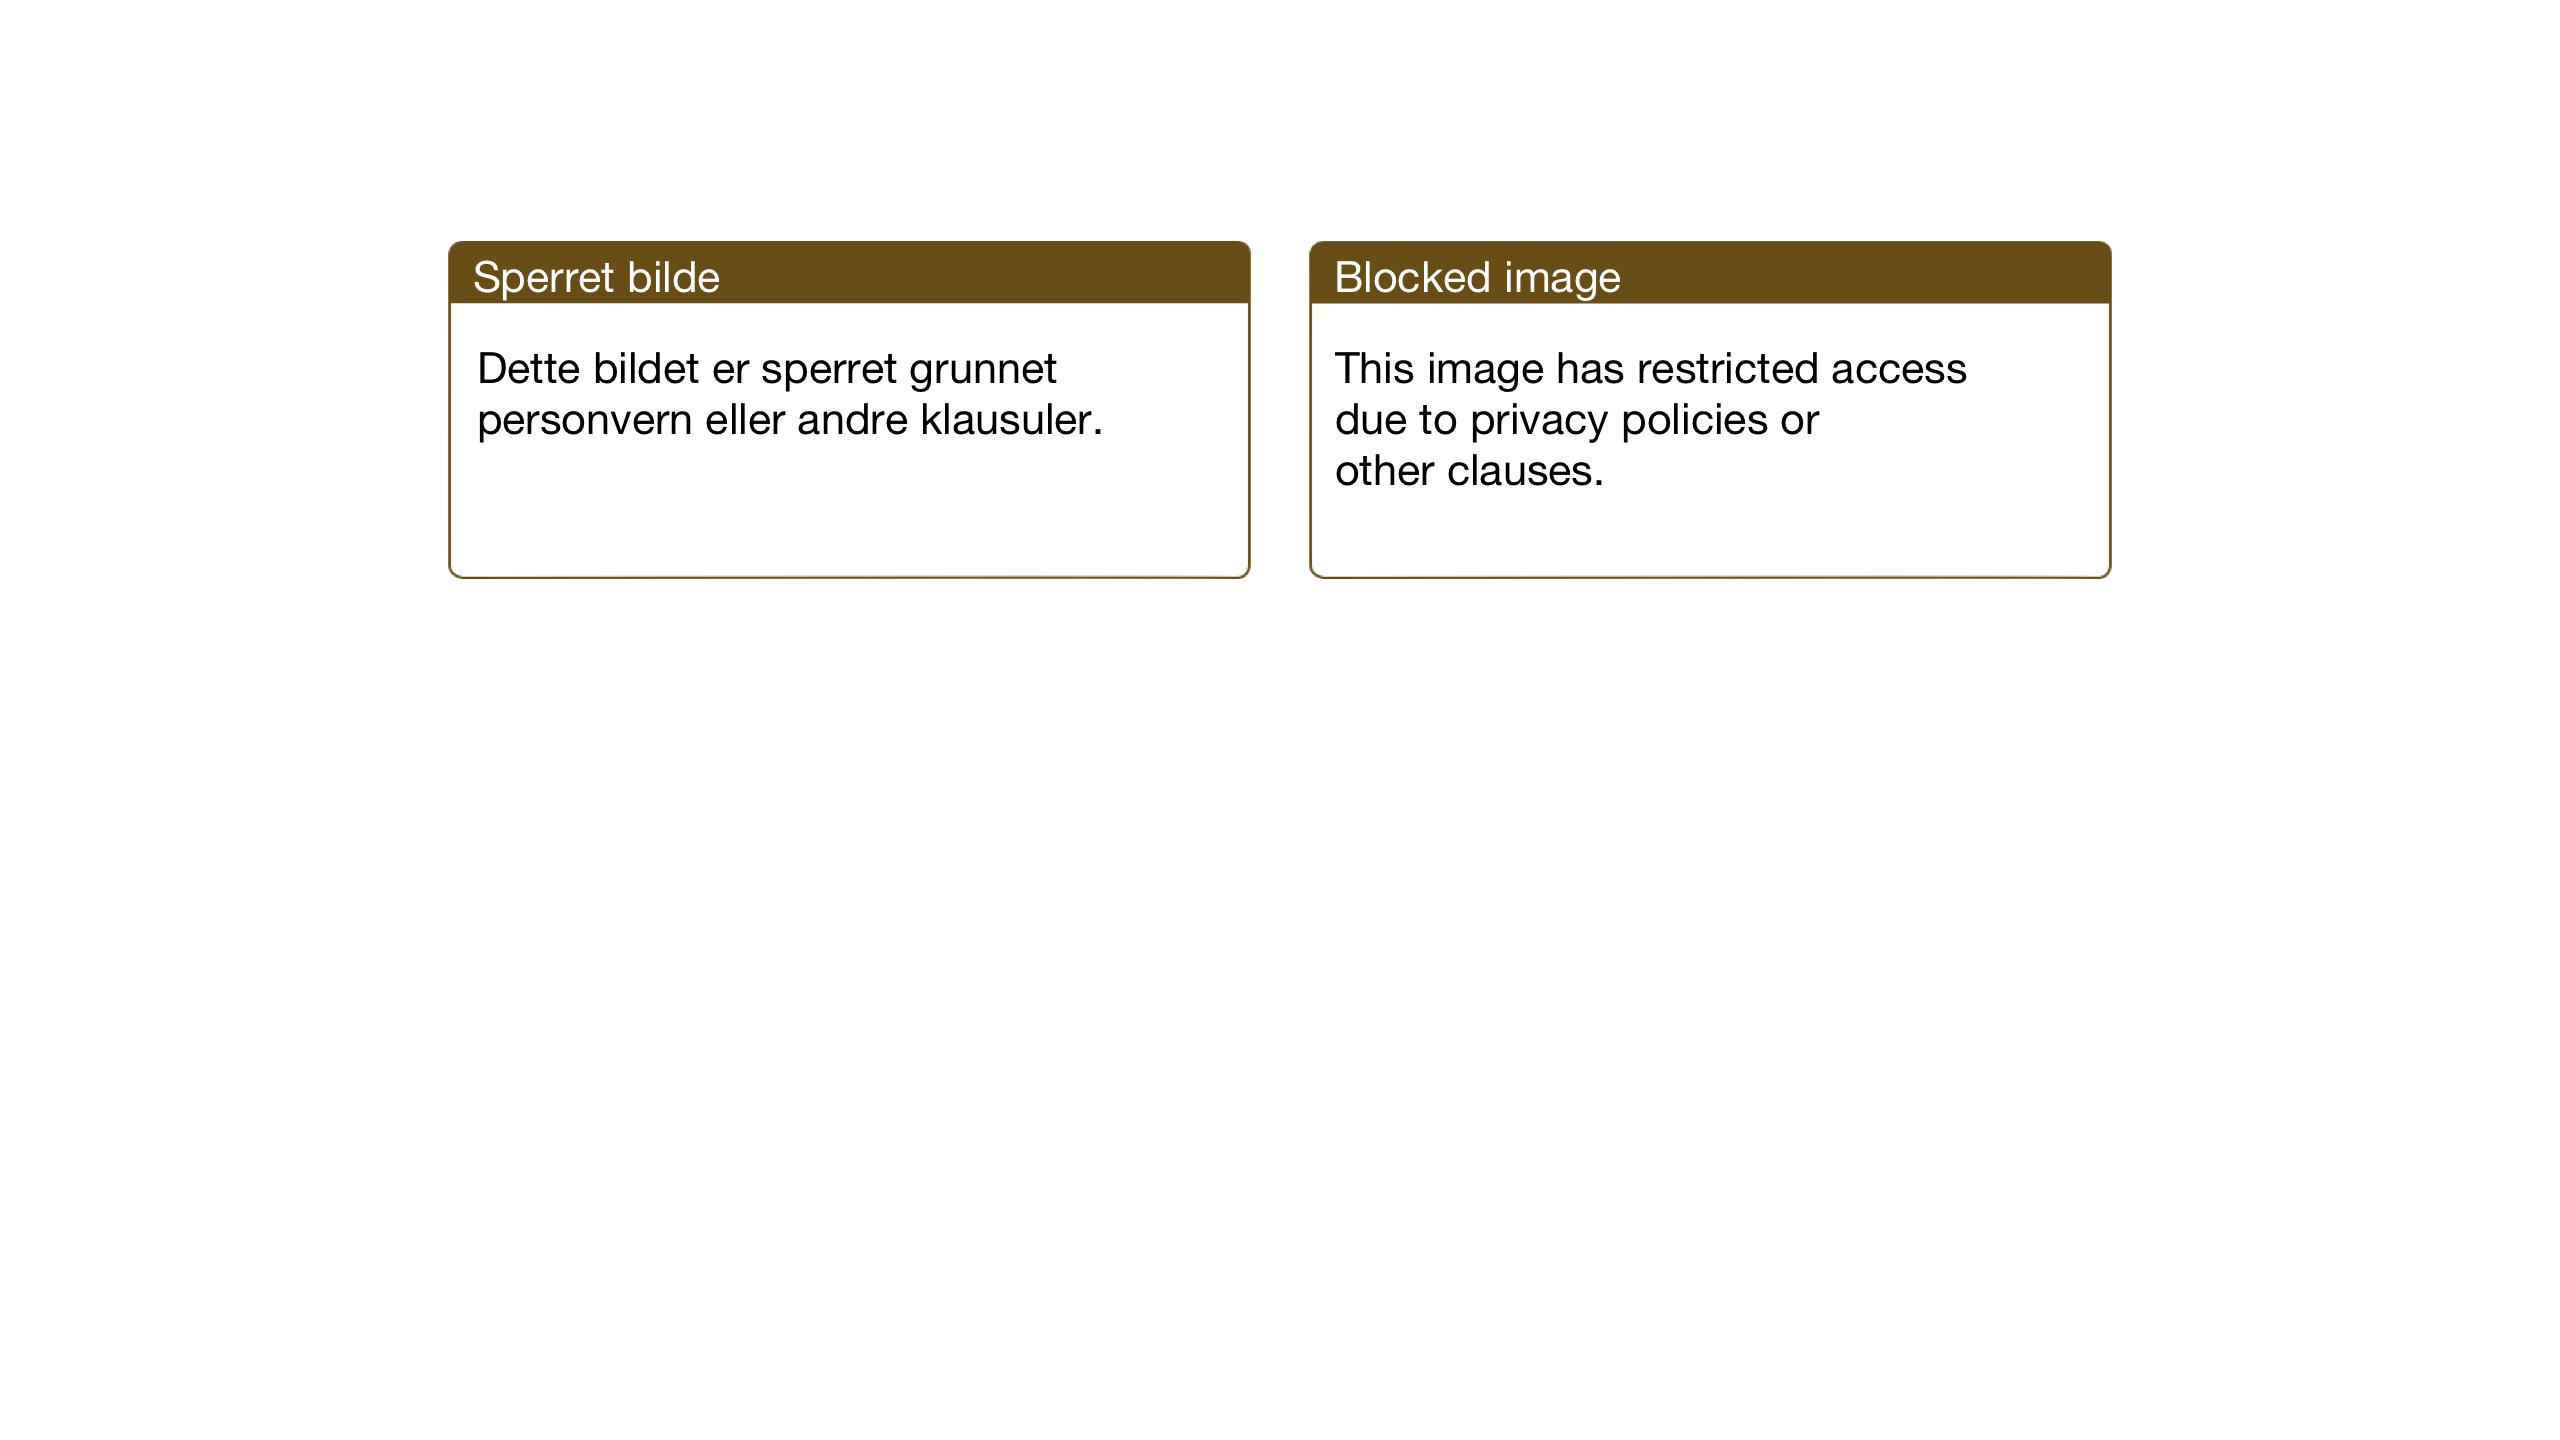 SAT, Ministerialprotokoller, klokkerbøker og fødselsregistre - Sør-Trøndelag, 662/L0758: Klokkerbok nr. 662C03, 1918-1948, s. 41